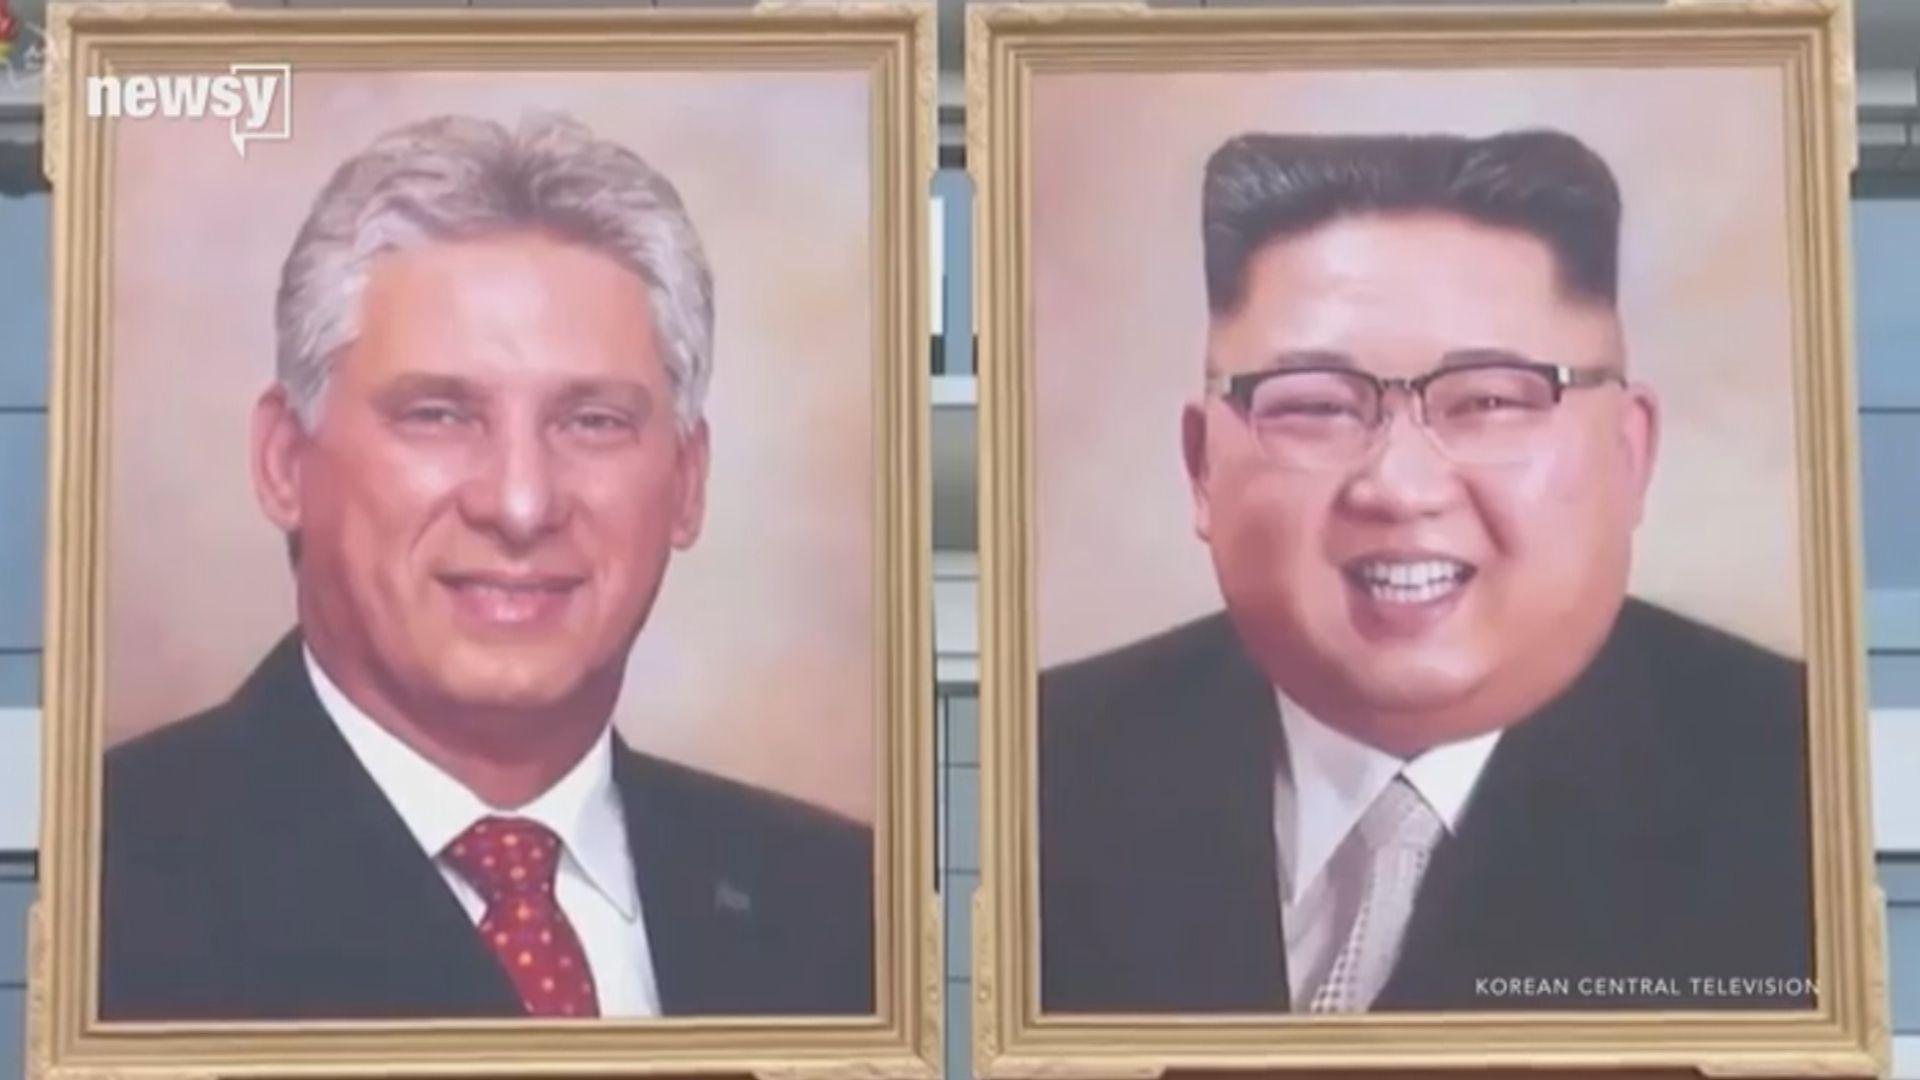 【環球薈報】北韓首度公開展示金正恩肖像畫